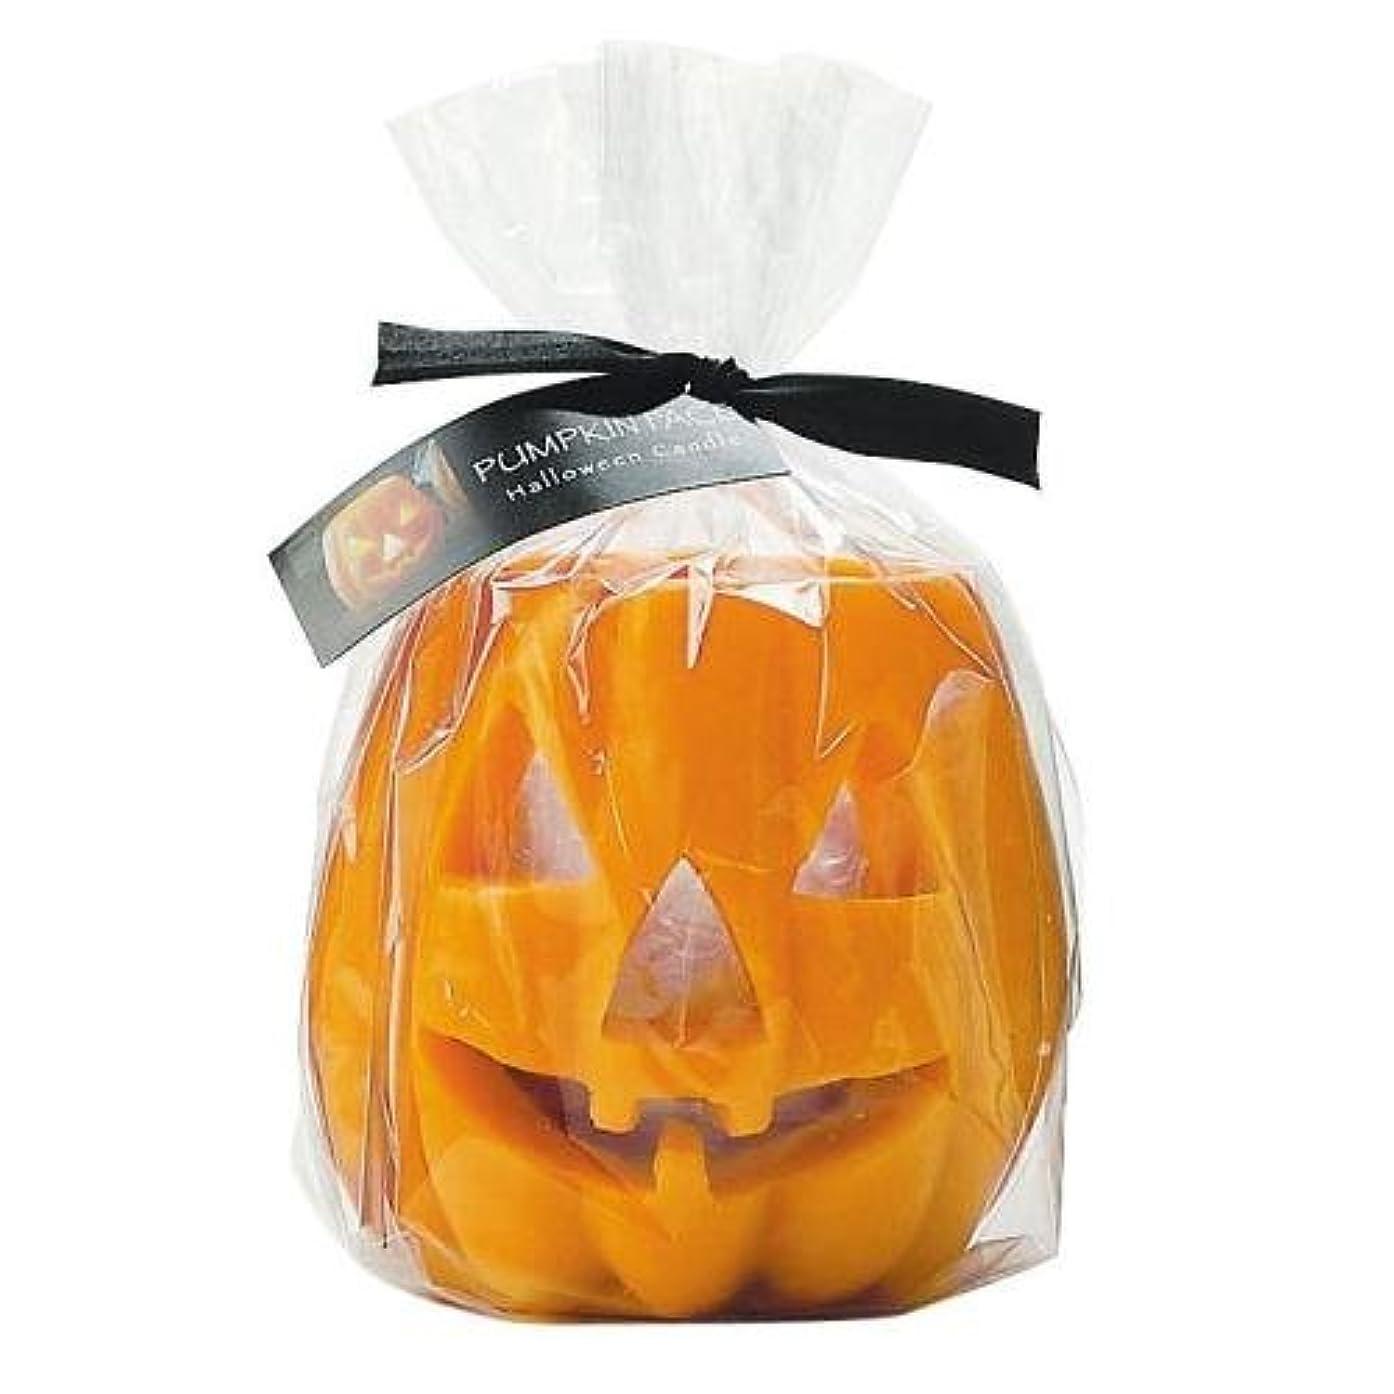 謝罪する貝殻愛国的なパンプキンフェイス オレンジ